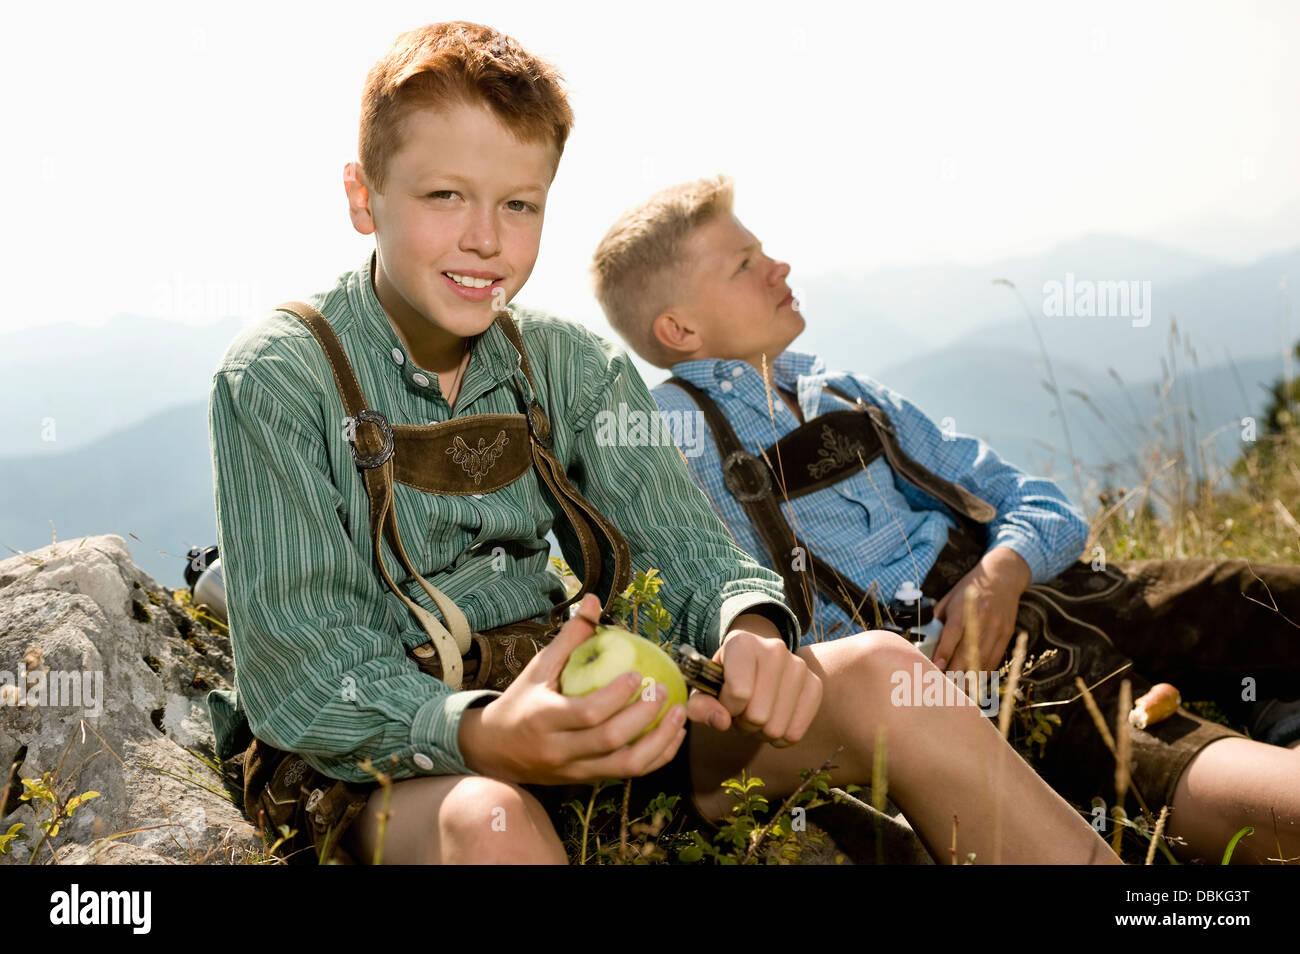 In Germania, in Baviera, due ragazzi in abbigliamento tradizionale di prendere un periodo di riposo in montagna Immagini Stock